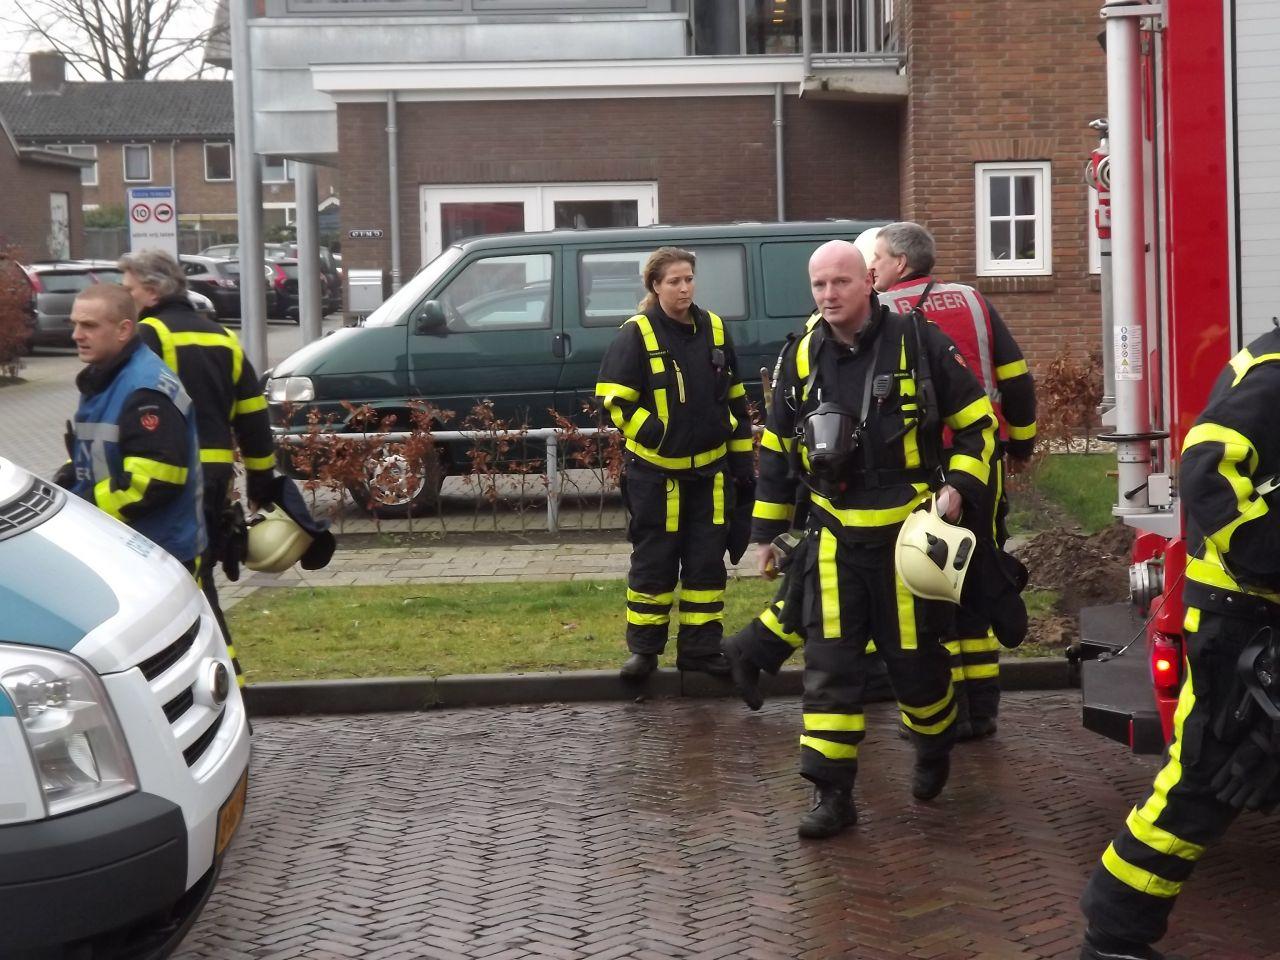 Kort nieuws: verdachte autobranden in Sneek en gaslekkage in Heerenveen